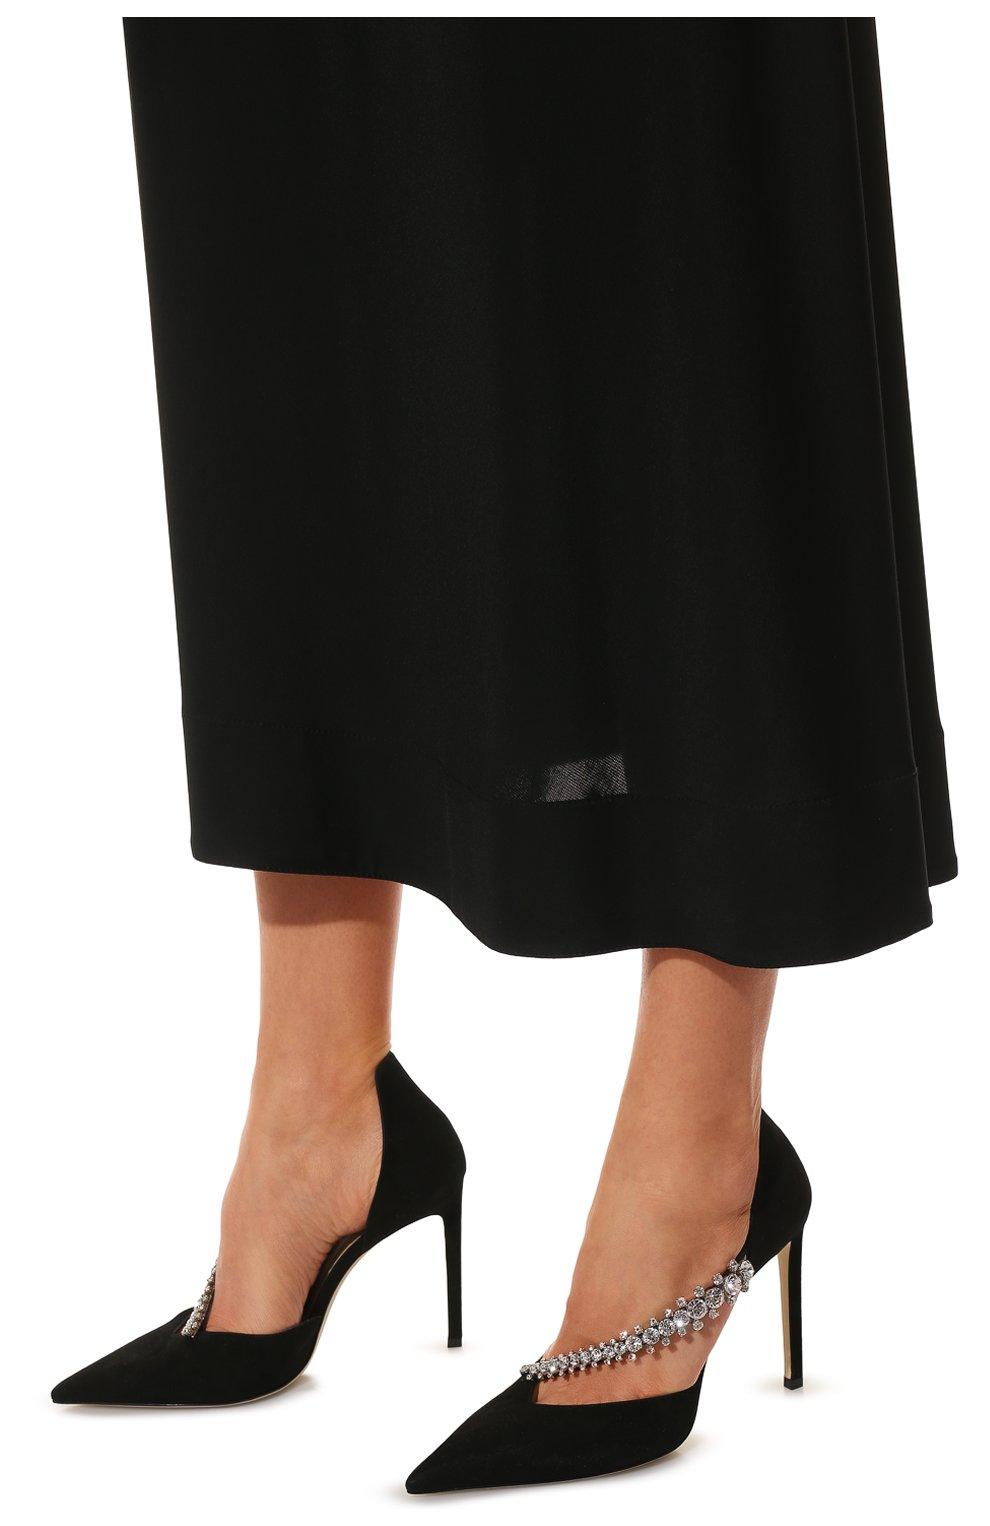 Женские замшевые туфли bee 100 JIMMY CHOO черного цвета, арт. BEE 100/SIW   Фото 3 (Каблук высота: Высокий; Материал внутренний: Натуральная кожа; Каблук тип: Шпилька; Подошва: Плоская; Материал внешний: Замша)